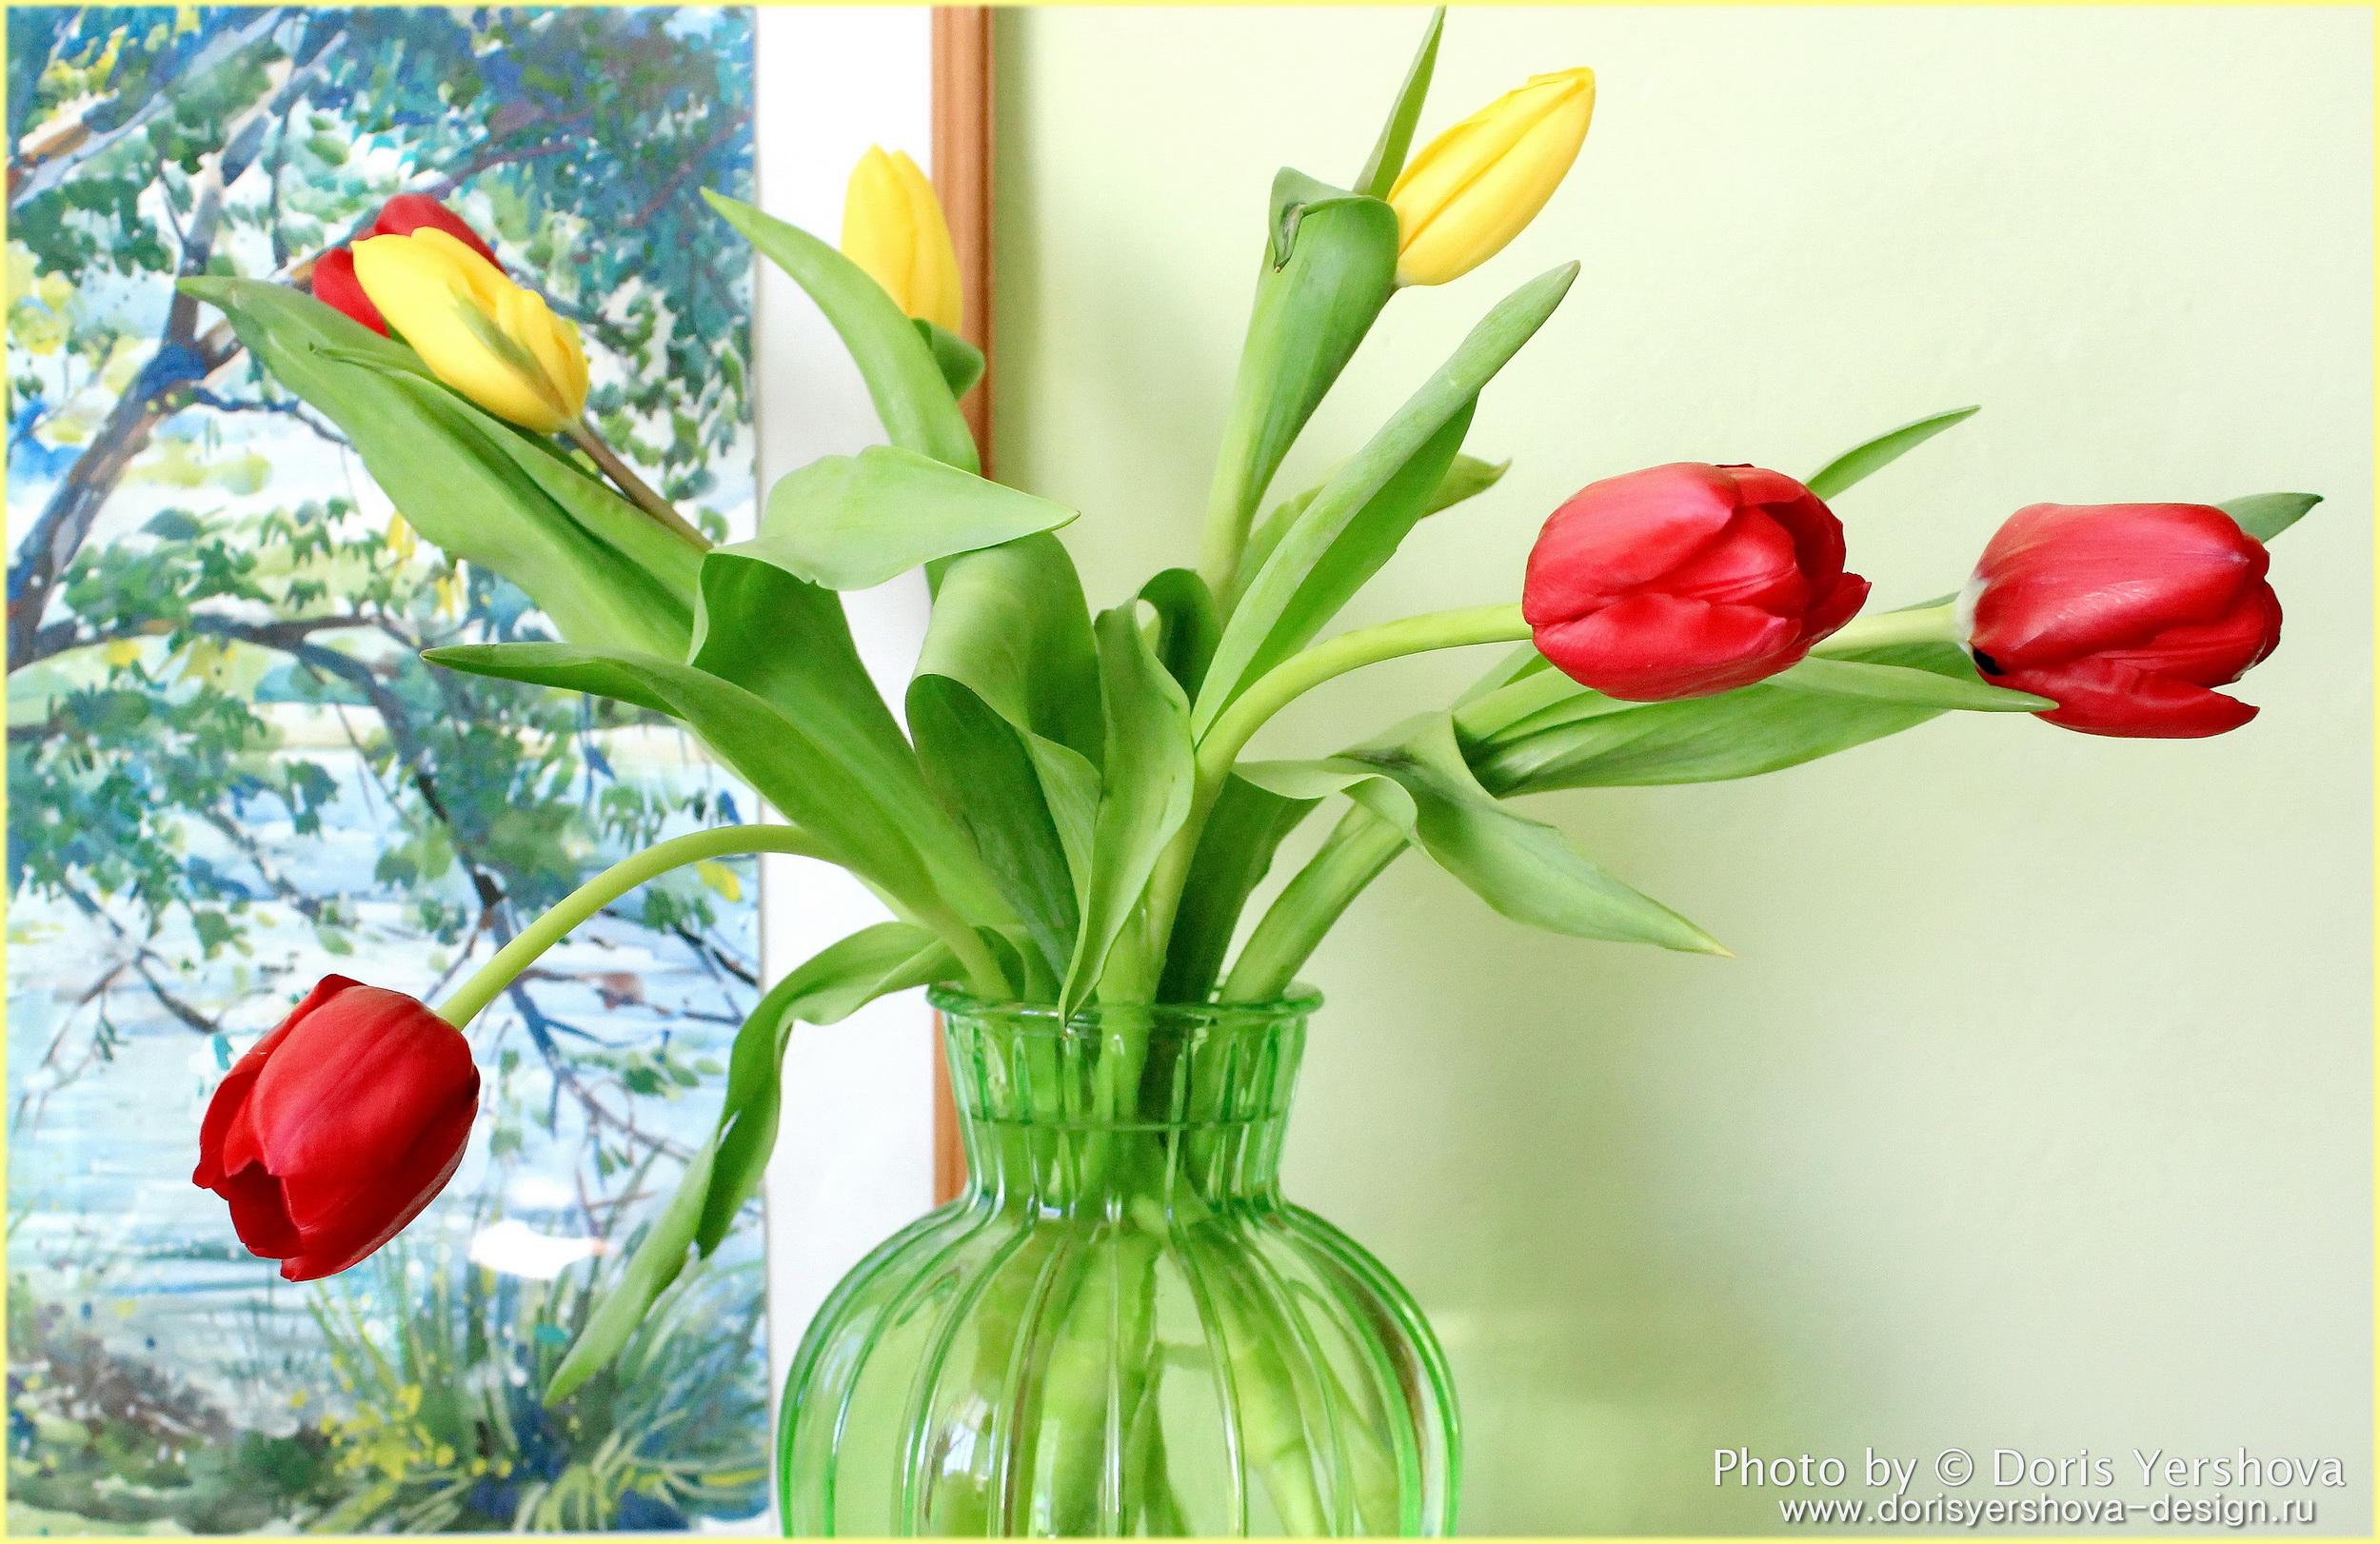 тюльпаны, фото Дорис Ершовой, с праздником 8 марта, цветы, весна, зеленый, желтый, бордо, ваза